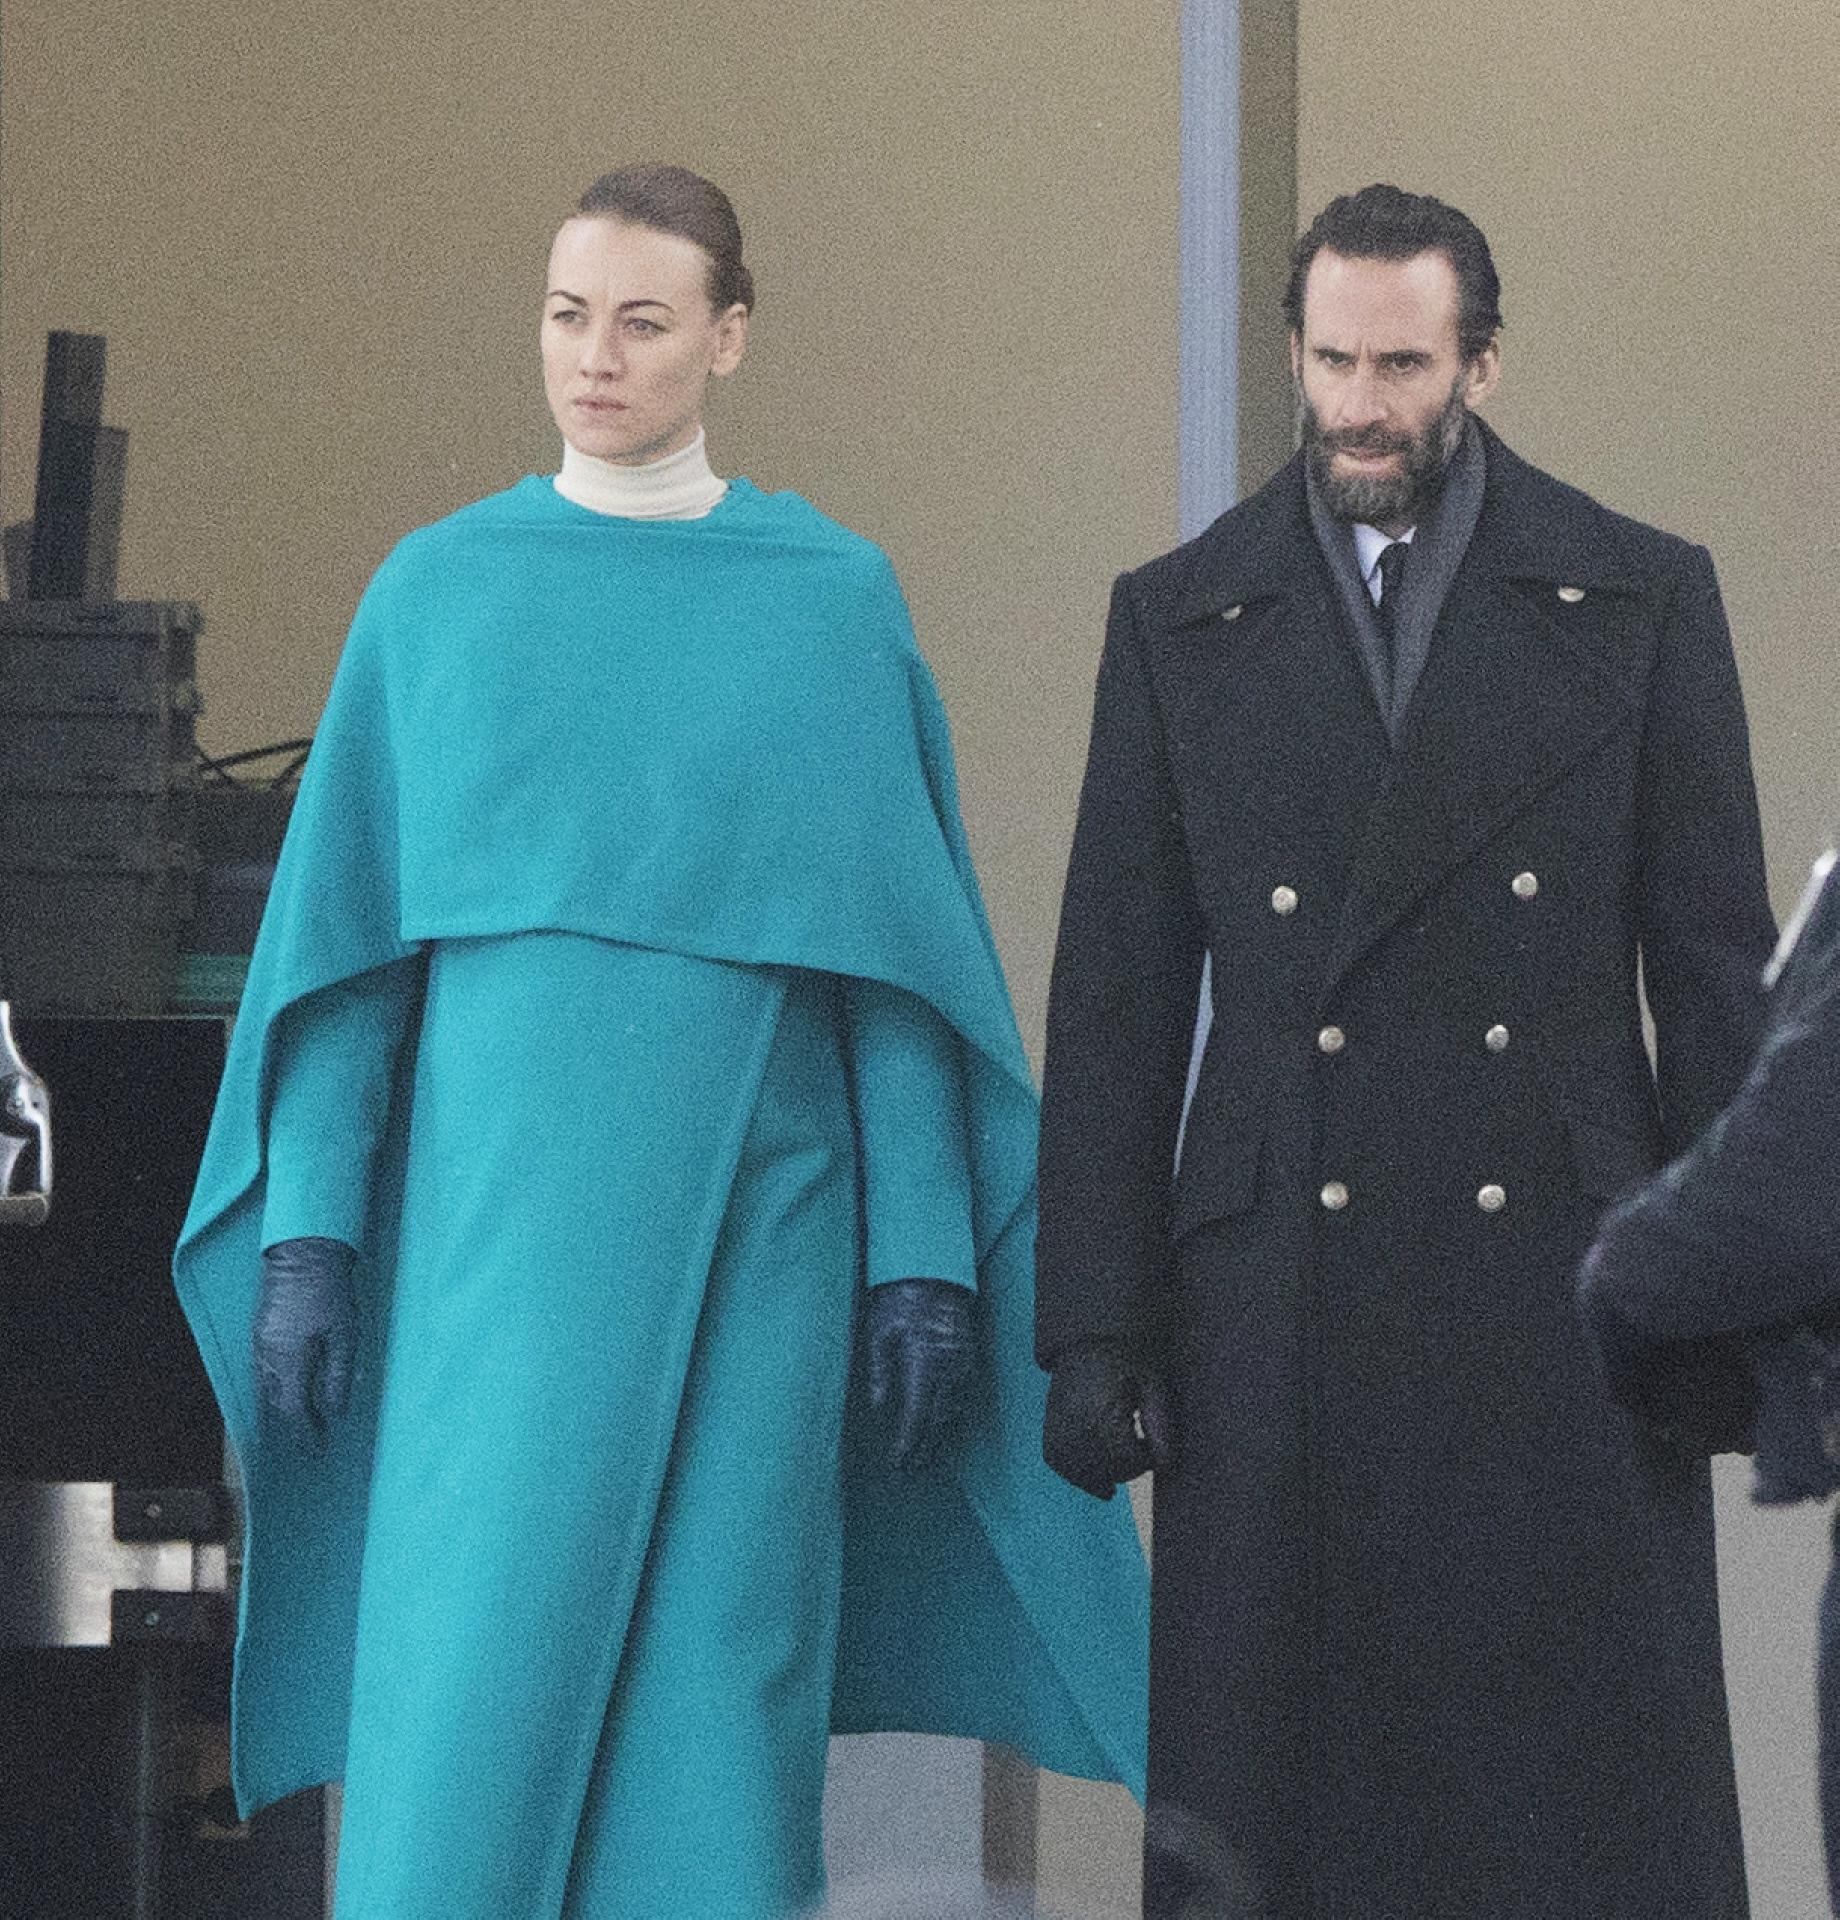 El actor, junto a Yvonne Strahovski, que interepreta a su esposa en la serie.